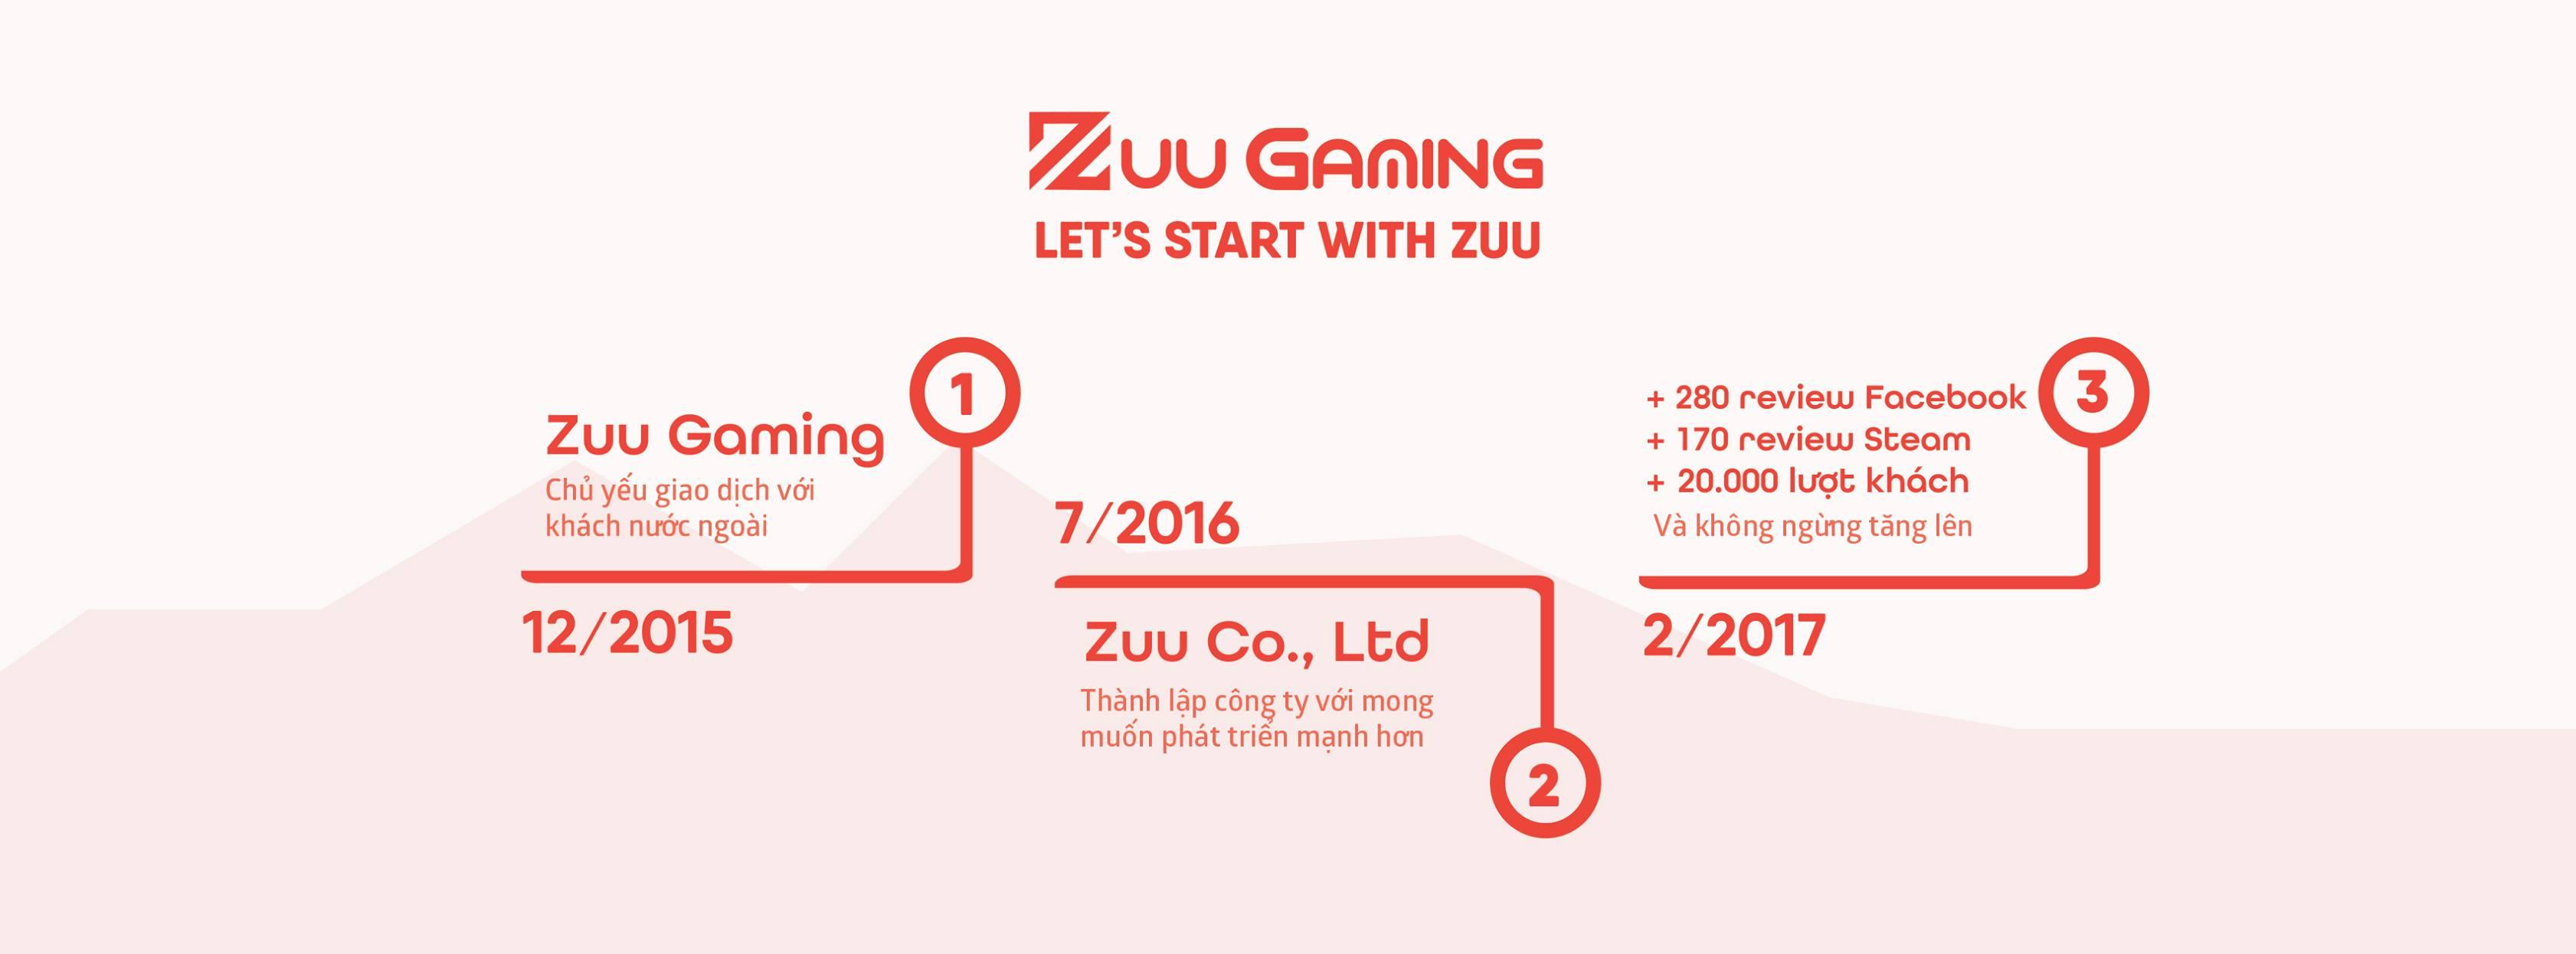 zuu.vn-history